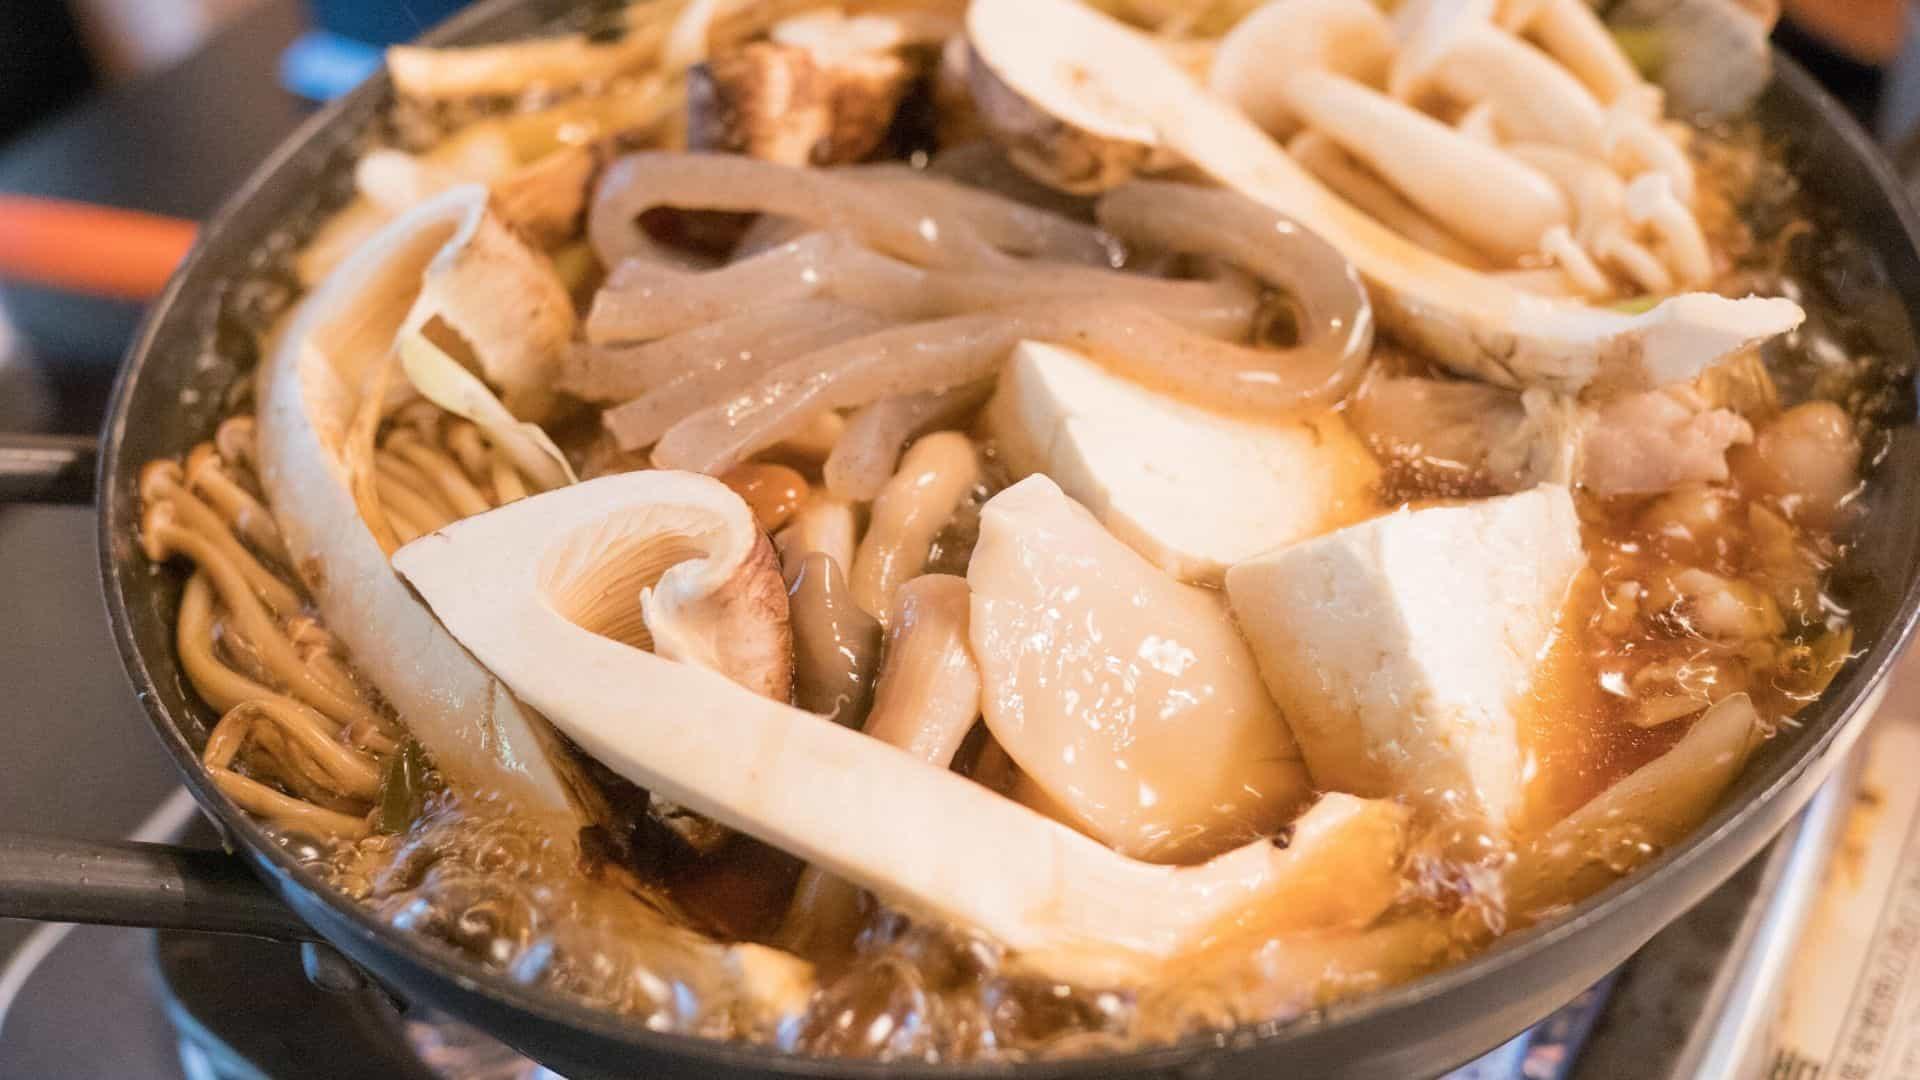 松茸小屋で食べた松茸鍋